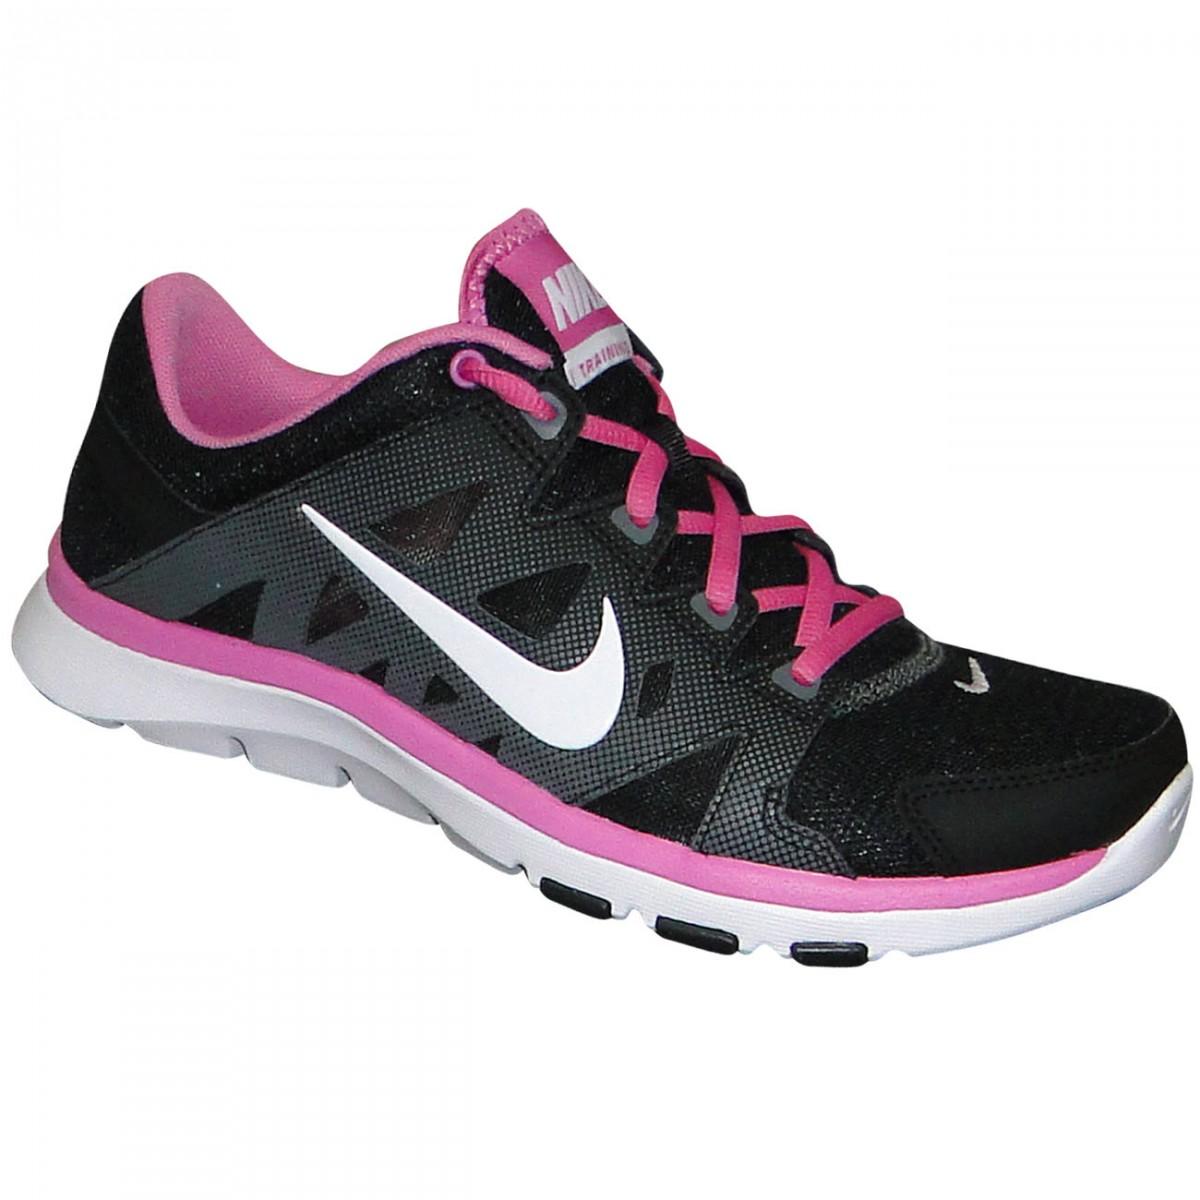 Tenis Nike Flex Supreme Tr 2 616694 007 - Preto Branco Rosa ... ad98013a5c67a